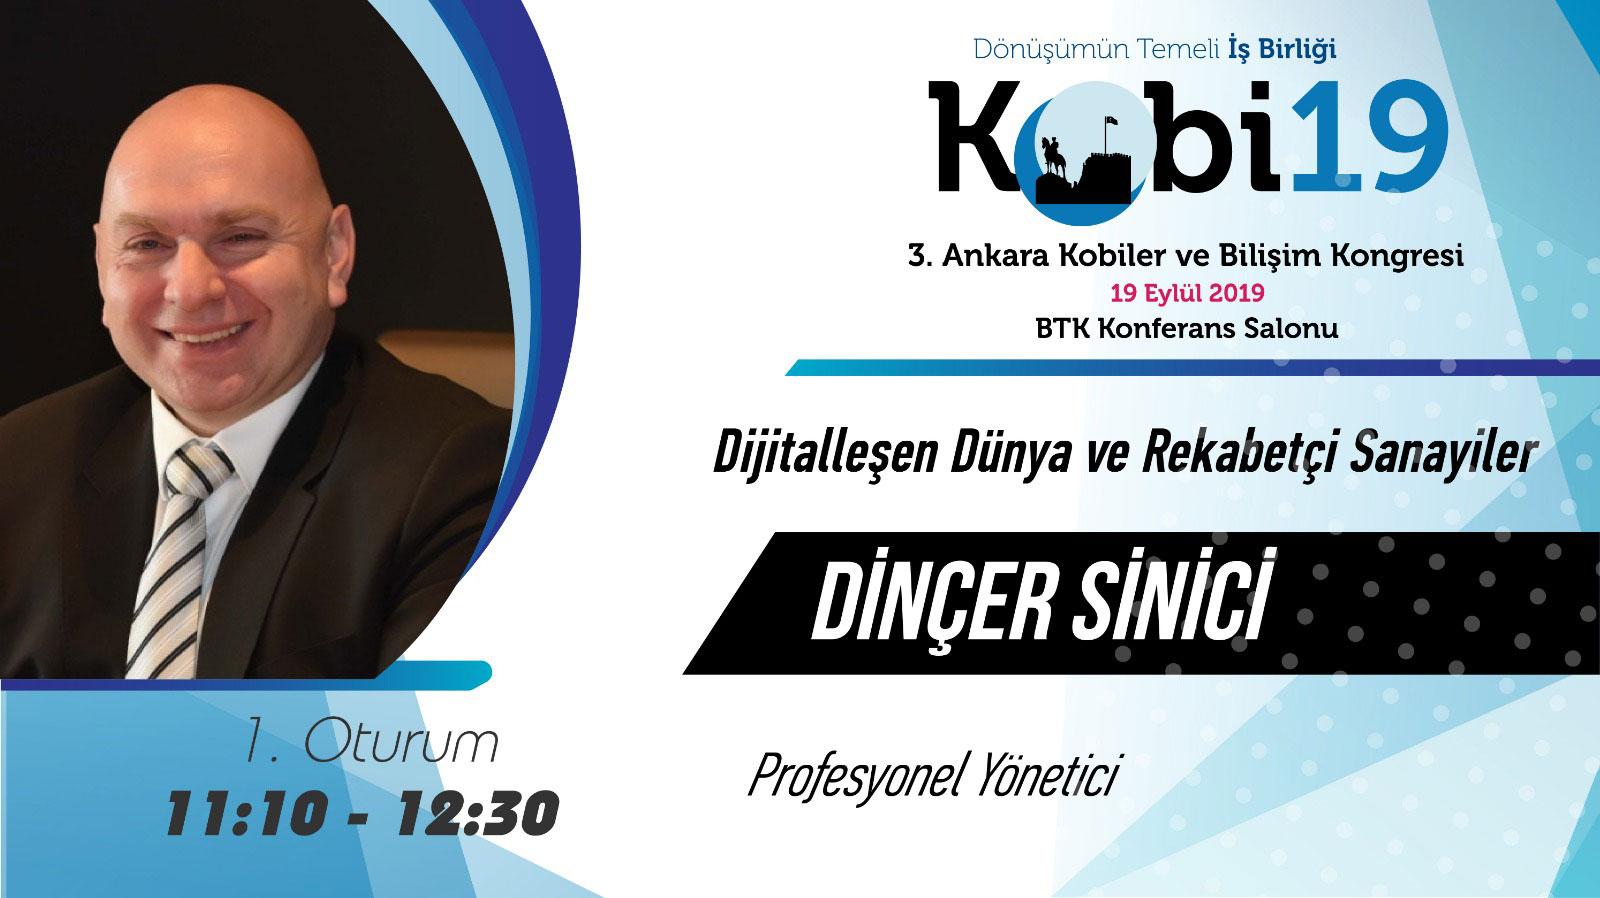 Dinçer Sinici - 3. Ankara Kobiler ve Bilişim Kongresi 2019